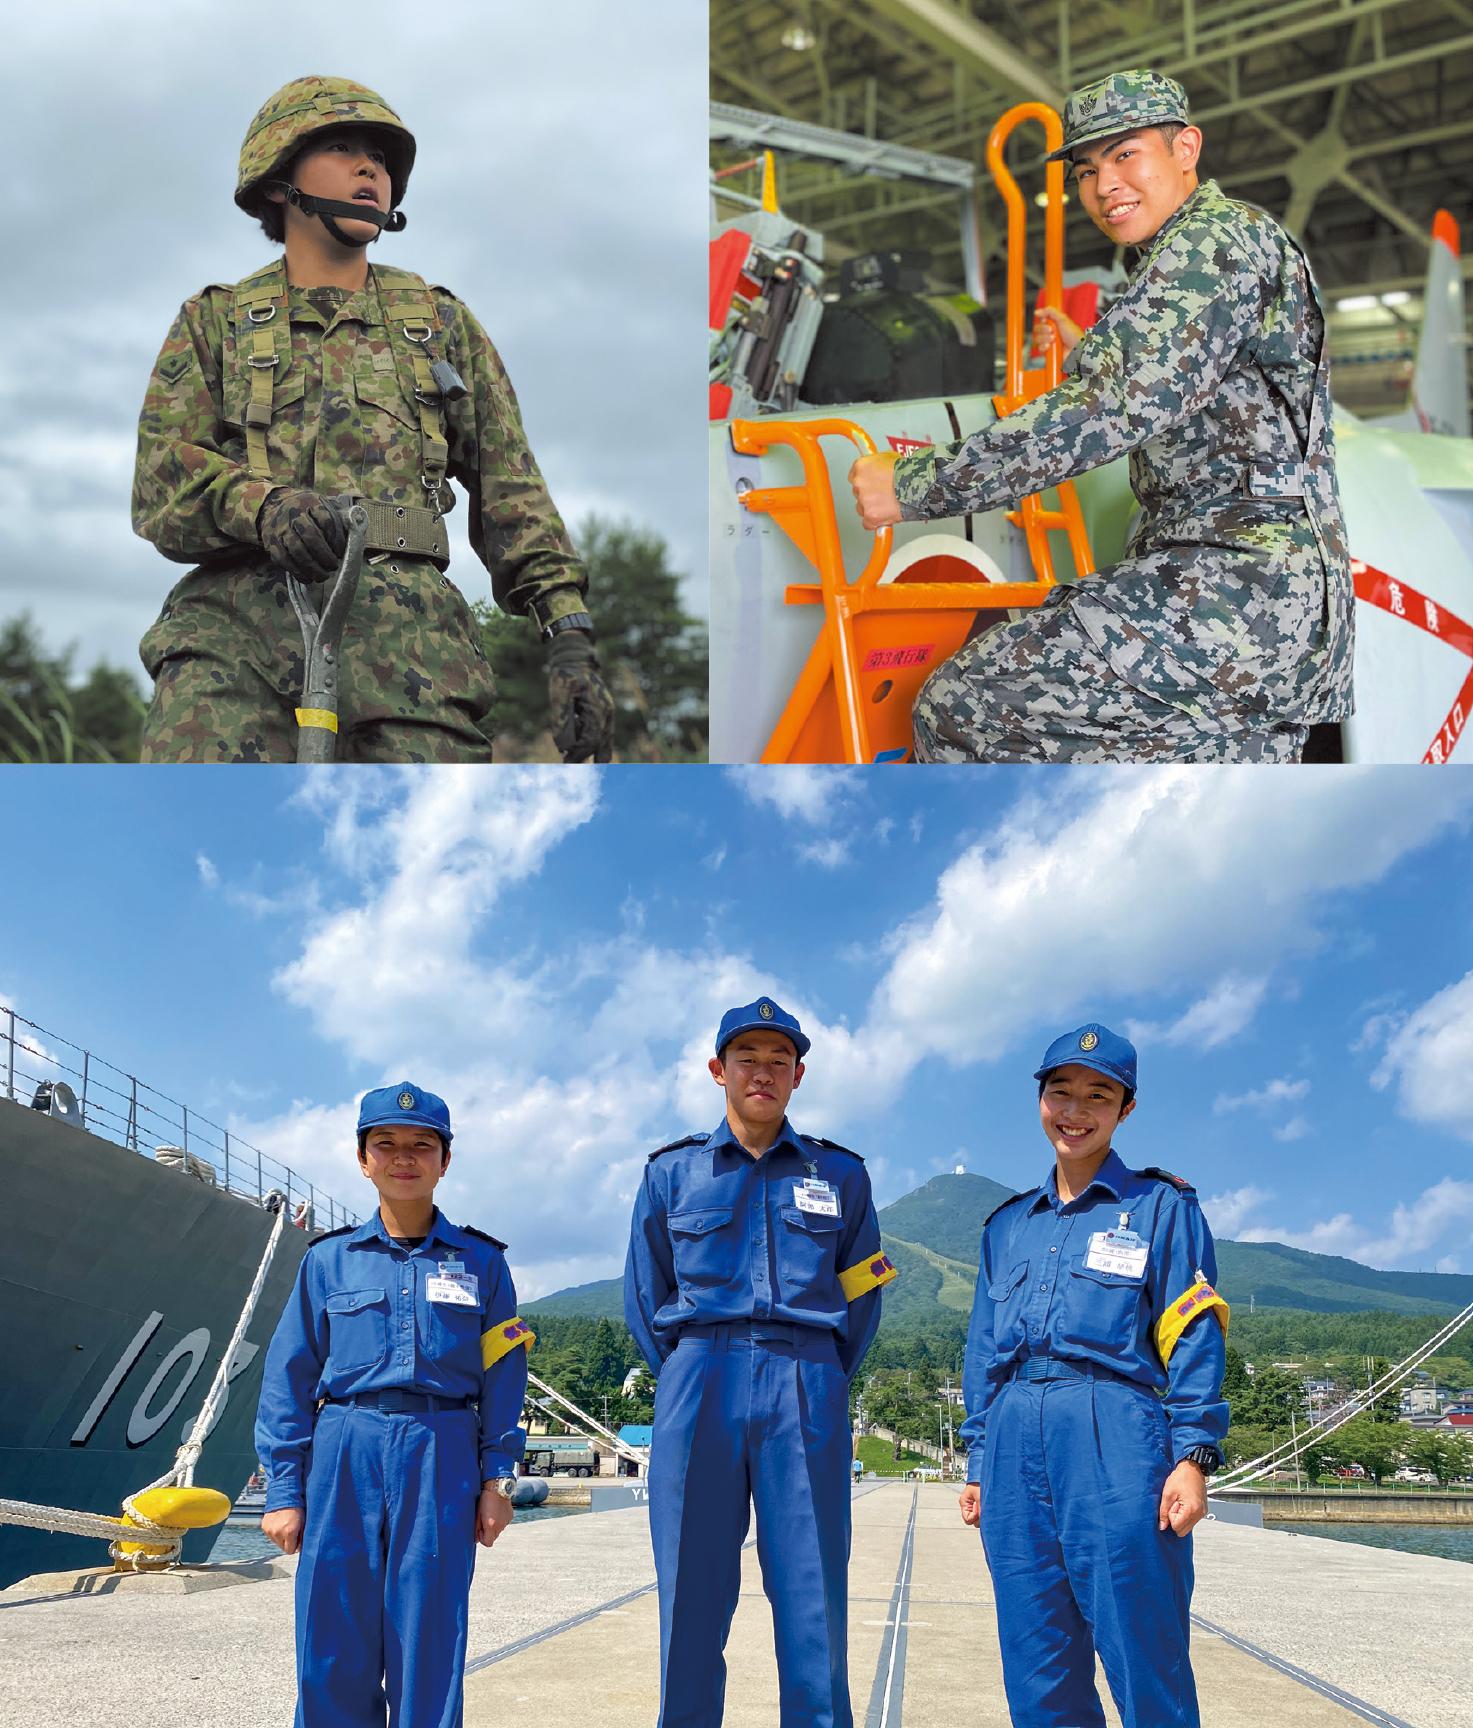 防衛省 自衛隊は、こんな会社です!